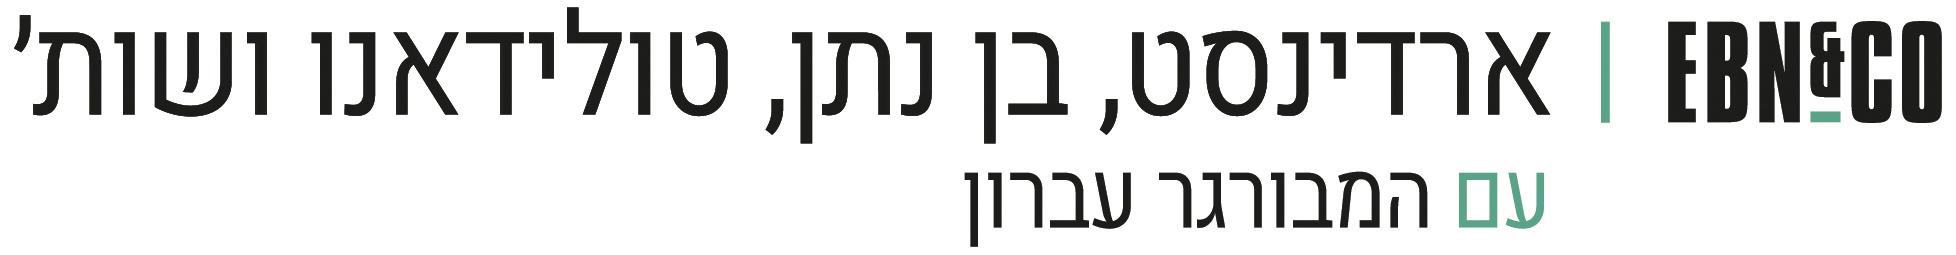 ארדינסט, בן נתן, טולידאנו ושות', עורכי דין